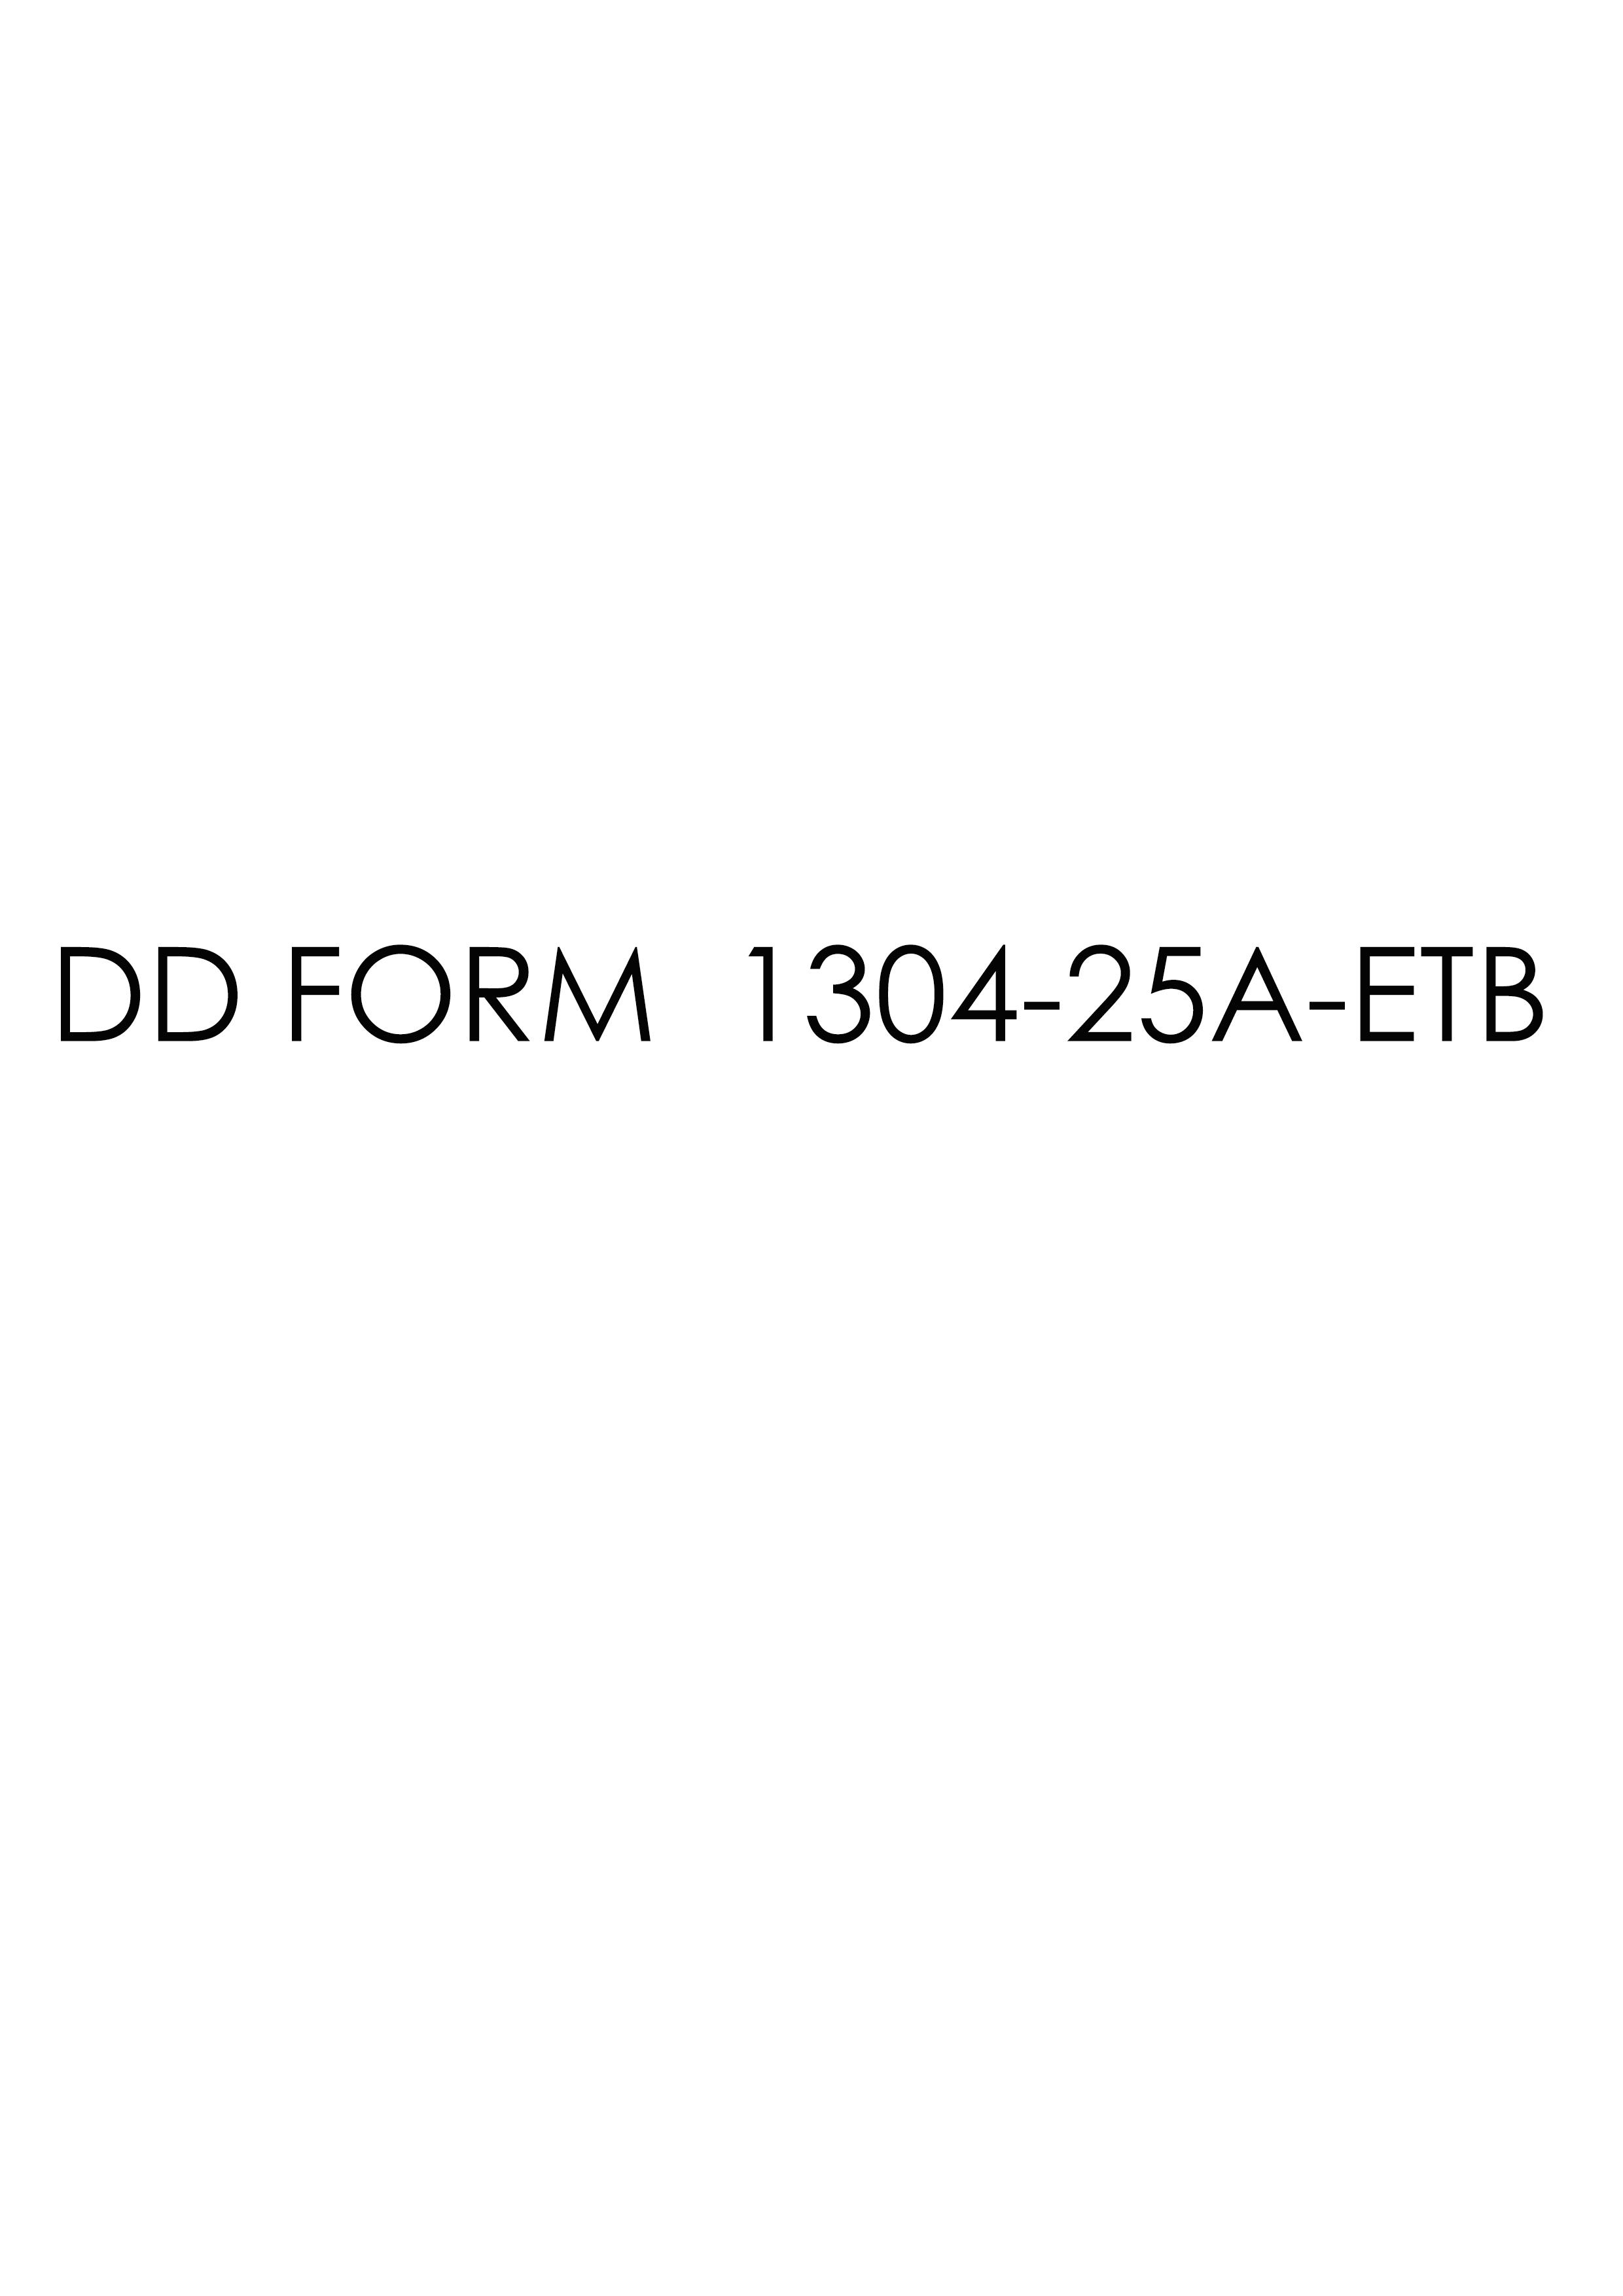 Download dd Form 1304-25A-ETB Free